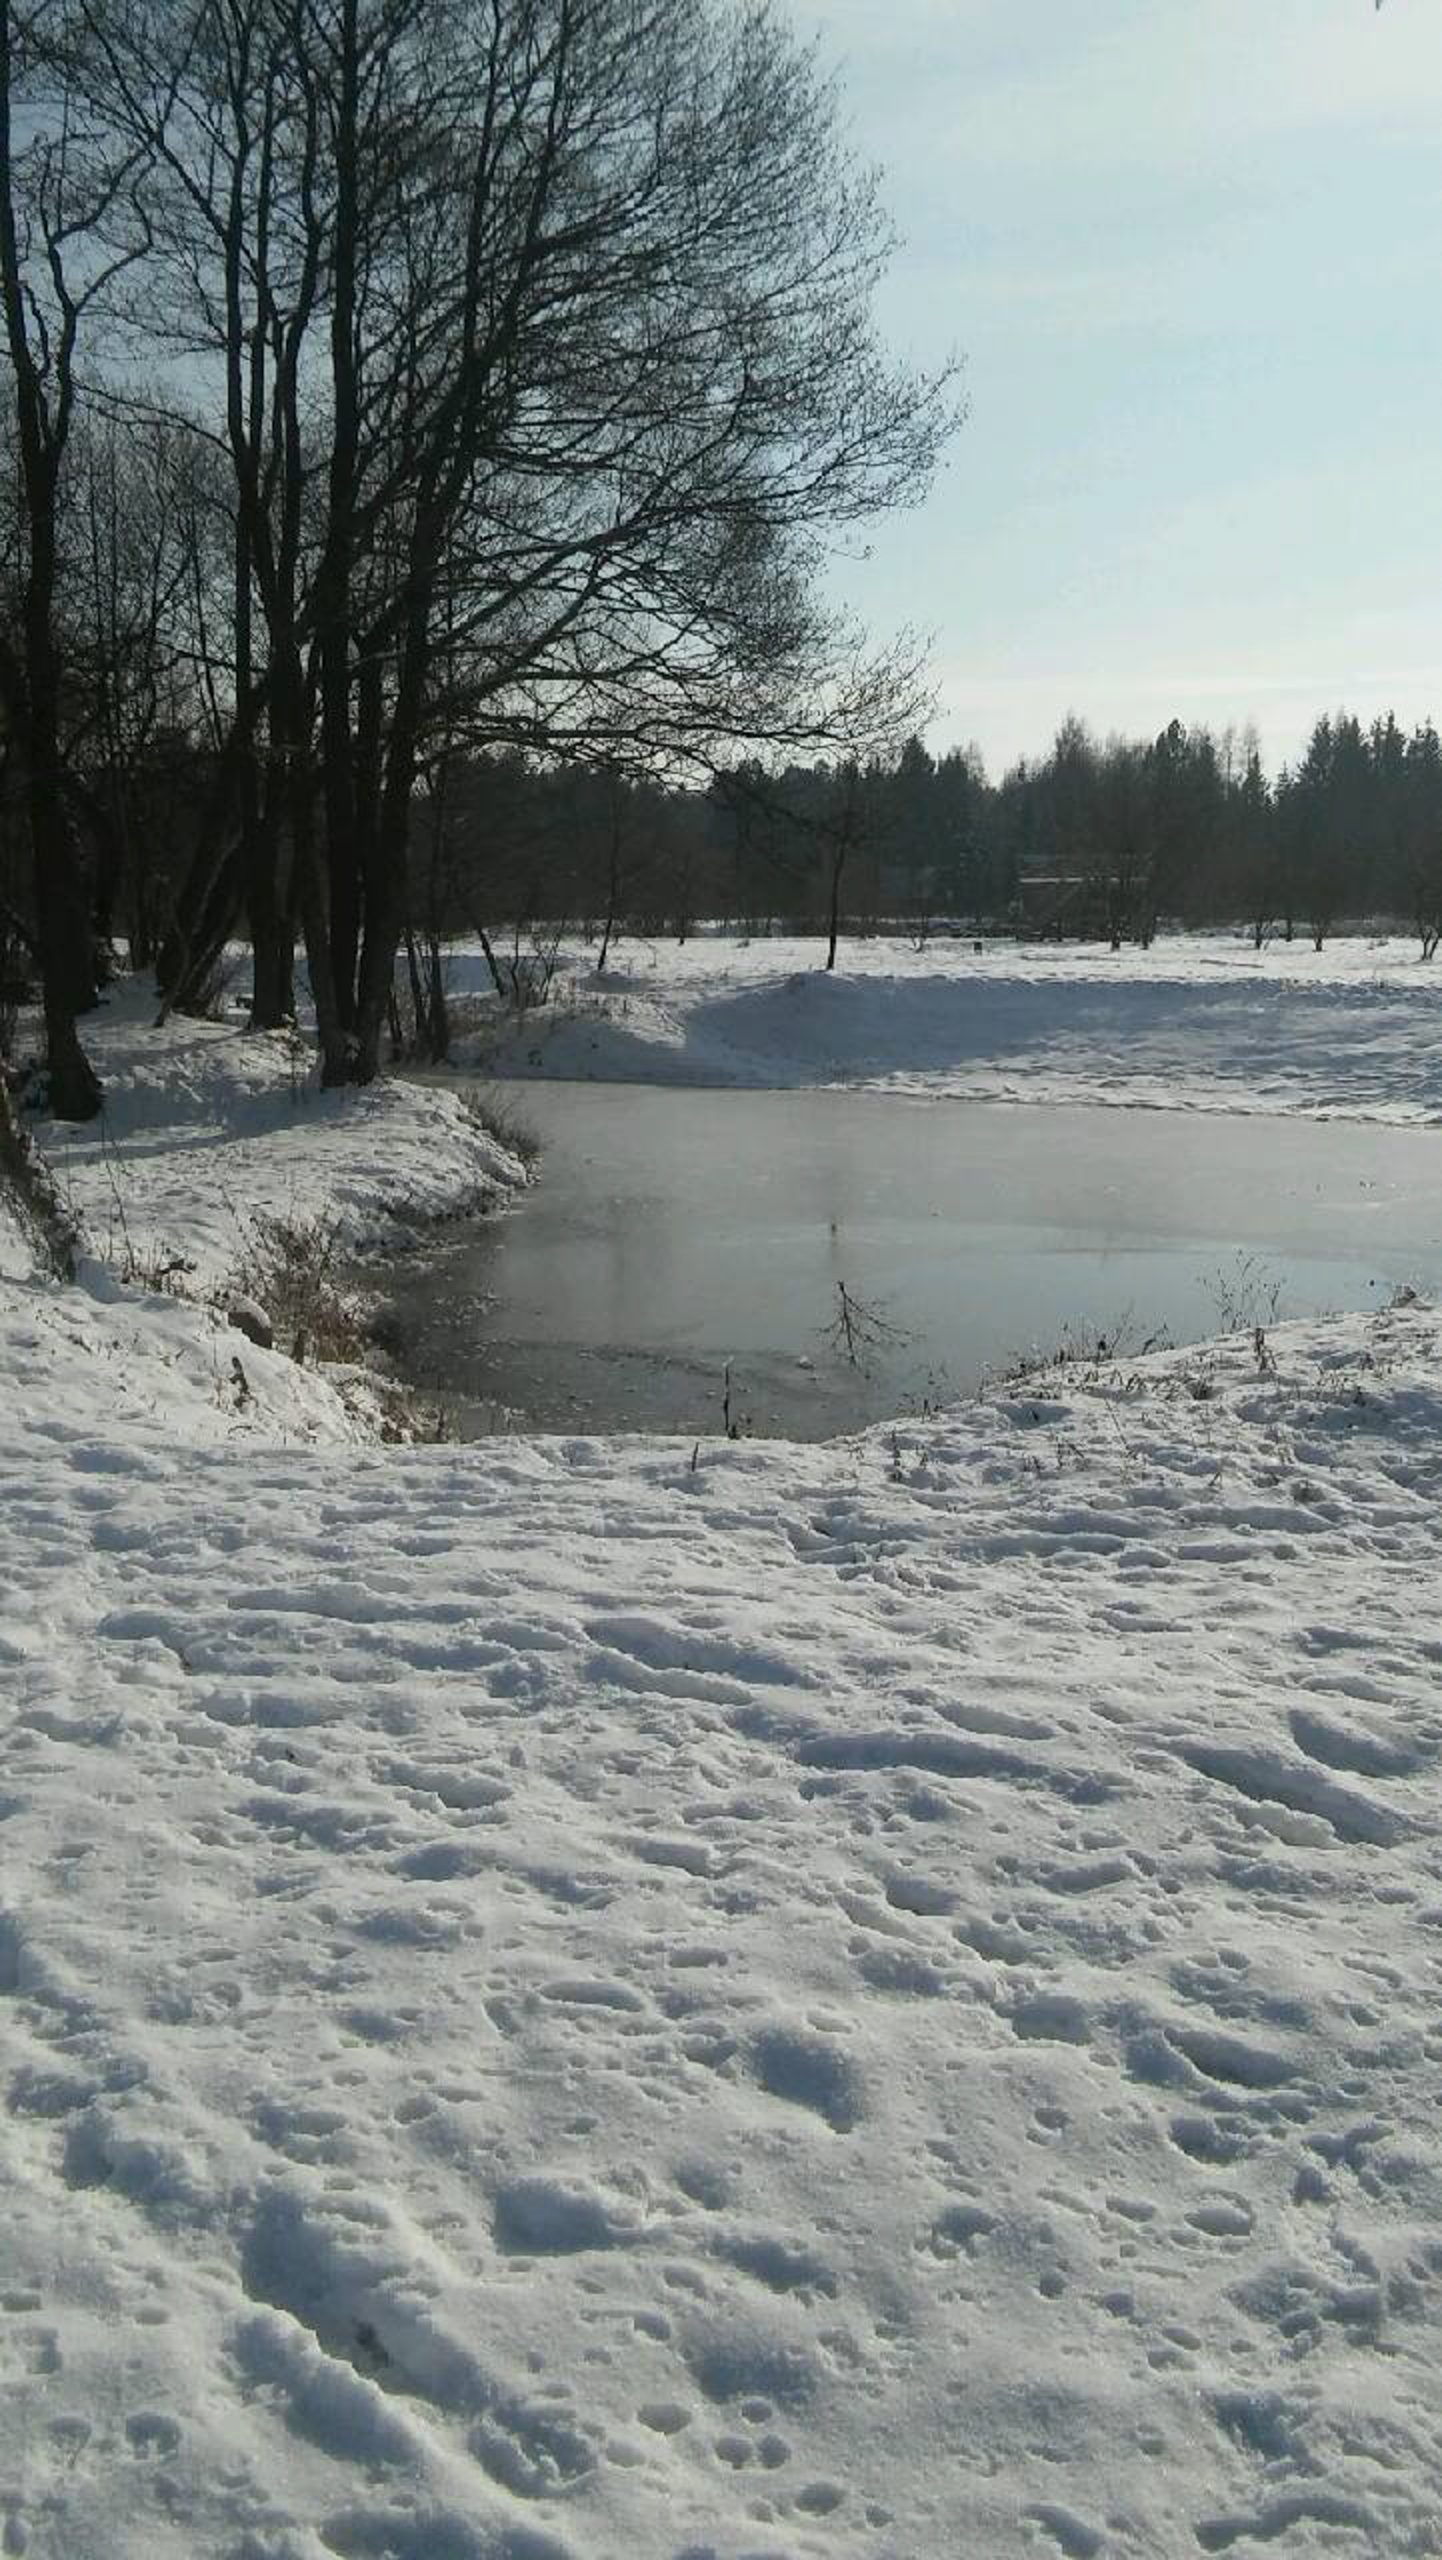 widok na zamarzniętą wodę